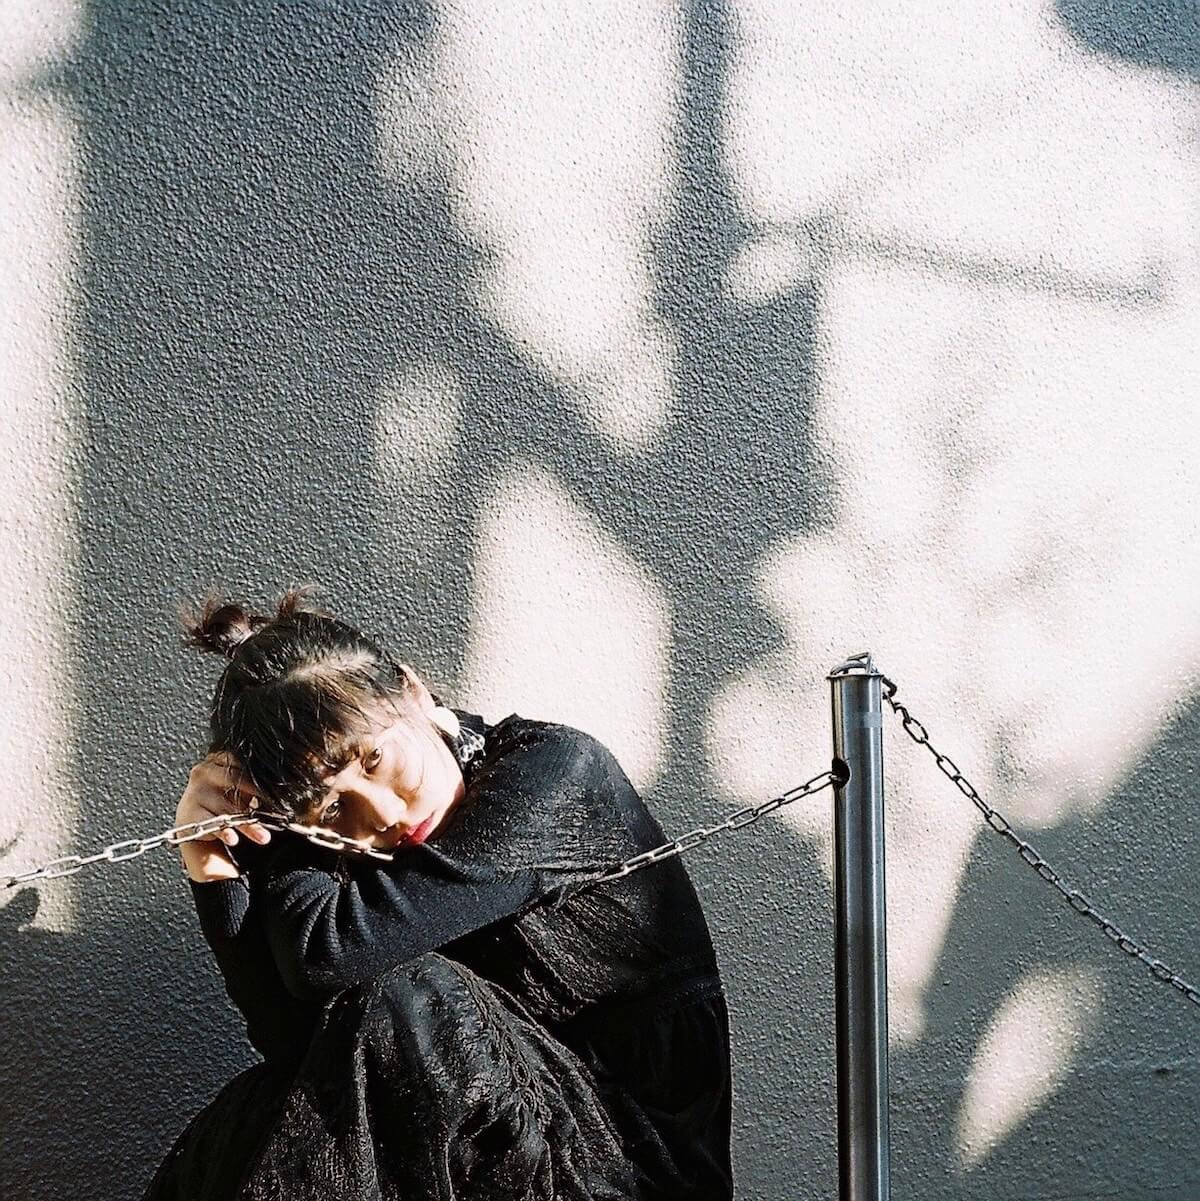 俳優・吉村界人とTHE NERDYSがコラボ、写真展が開催|撮影はヨシノハナ art-culture190611-nerdys-1